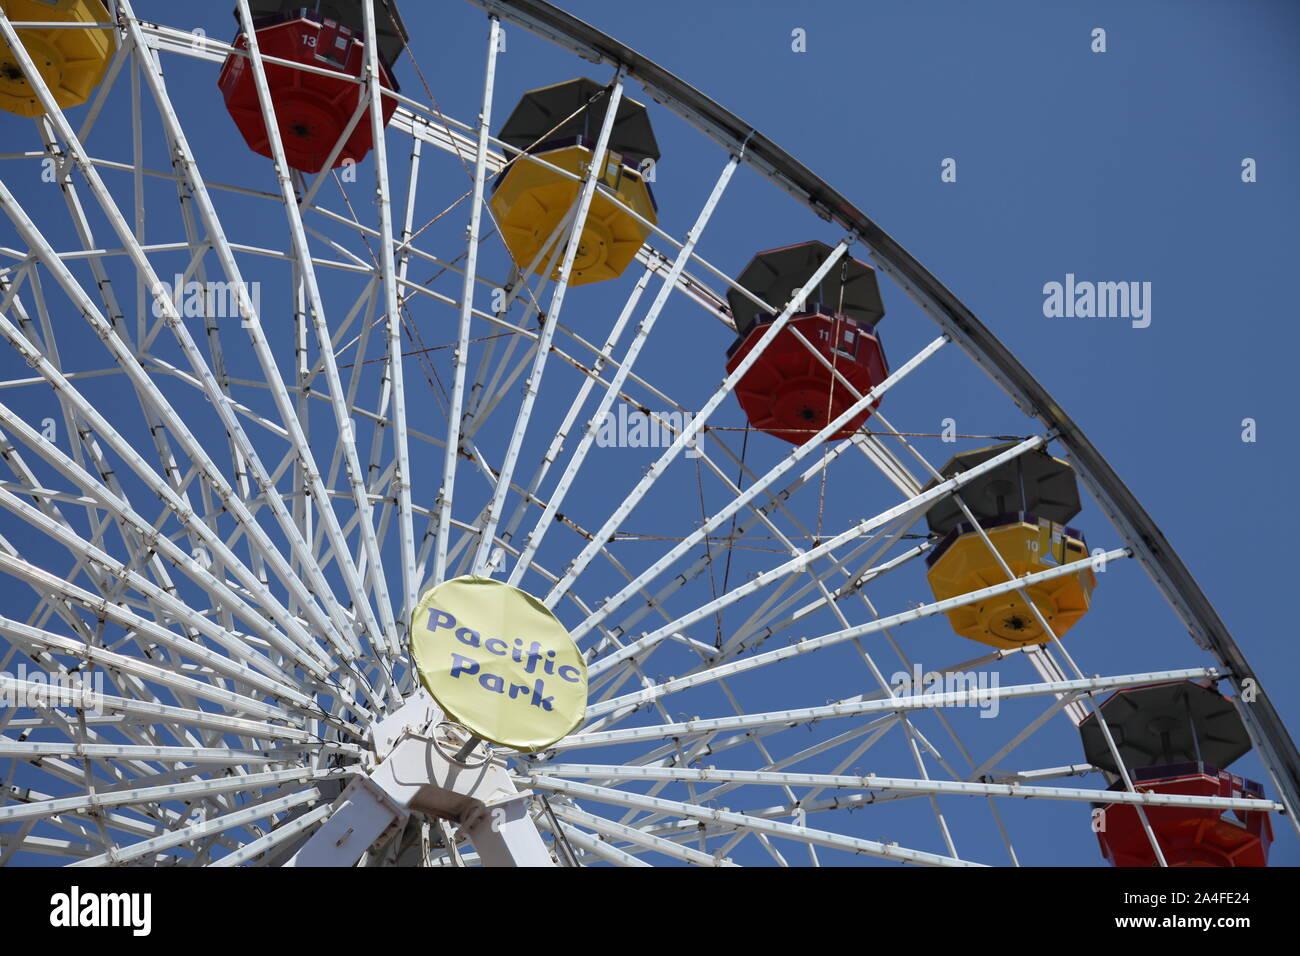 Santa Monica, California, EE.UU., la energía solar noria de Pacific Park en Santa Monica Pier oceanfront amusement park Foto de stock